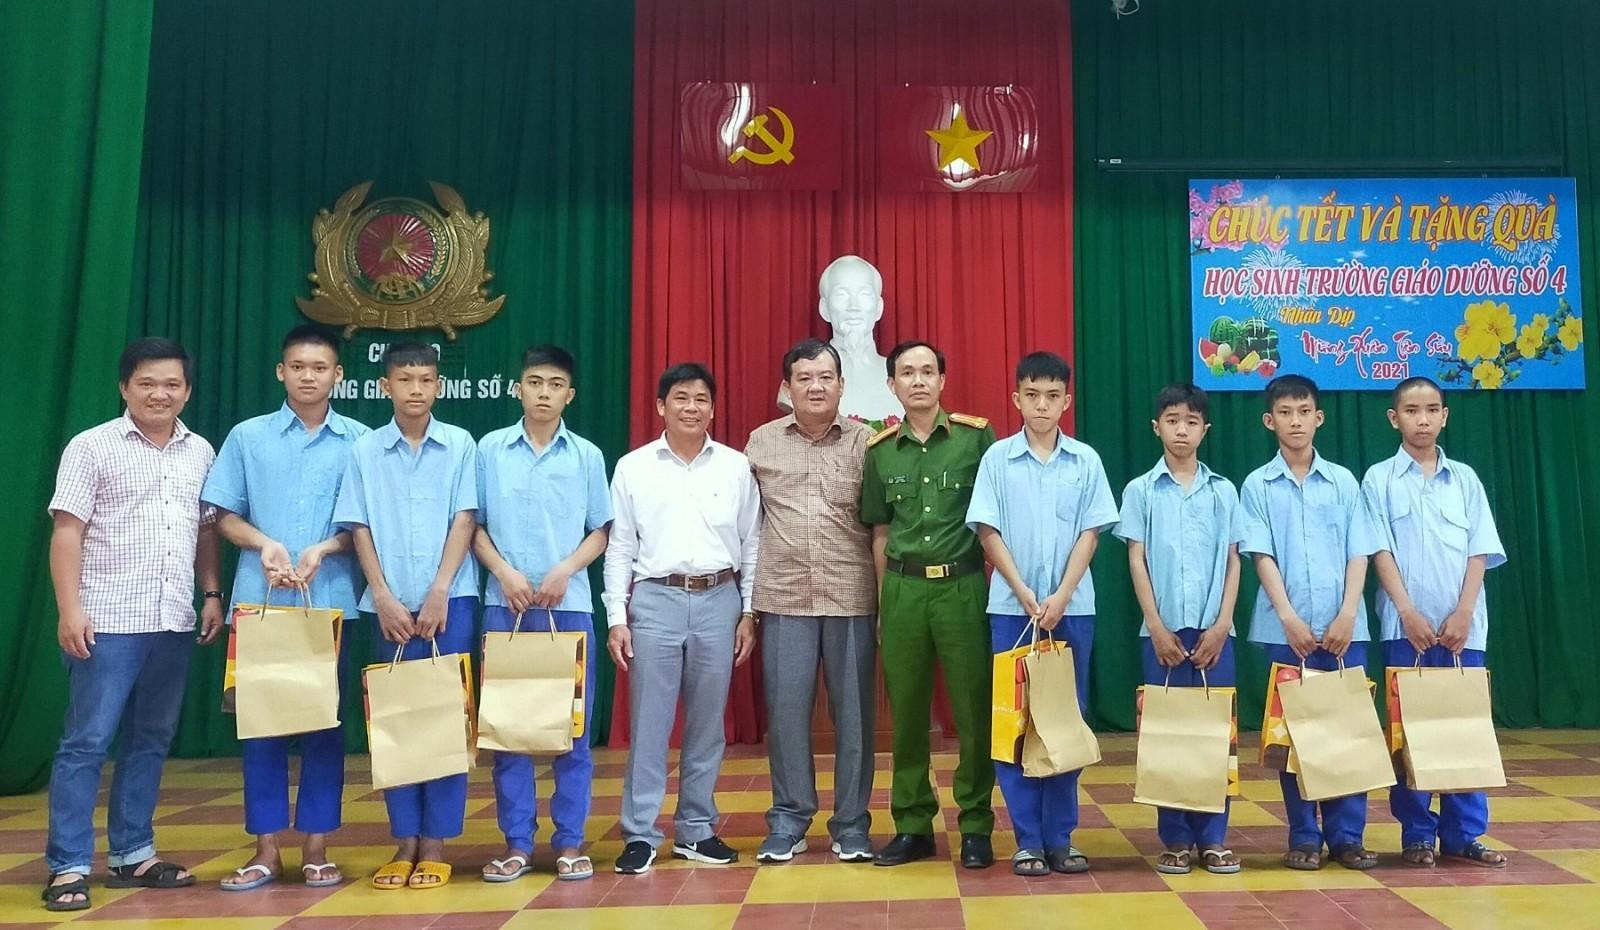 Tặng quà trẻ em tại Trường Giáo dưỡng số 4 Ảnh 1